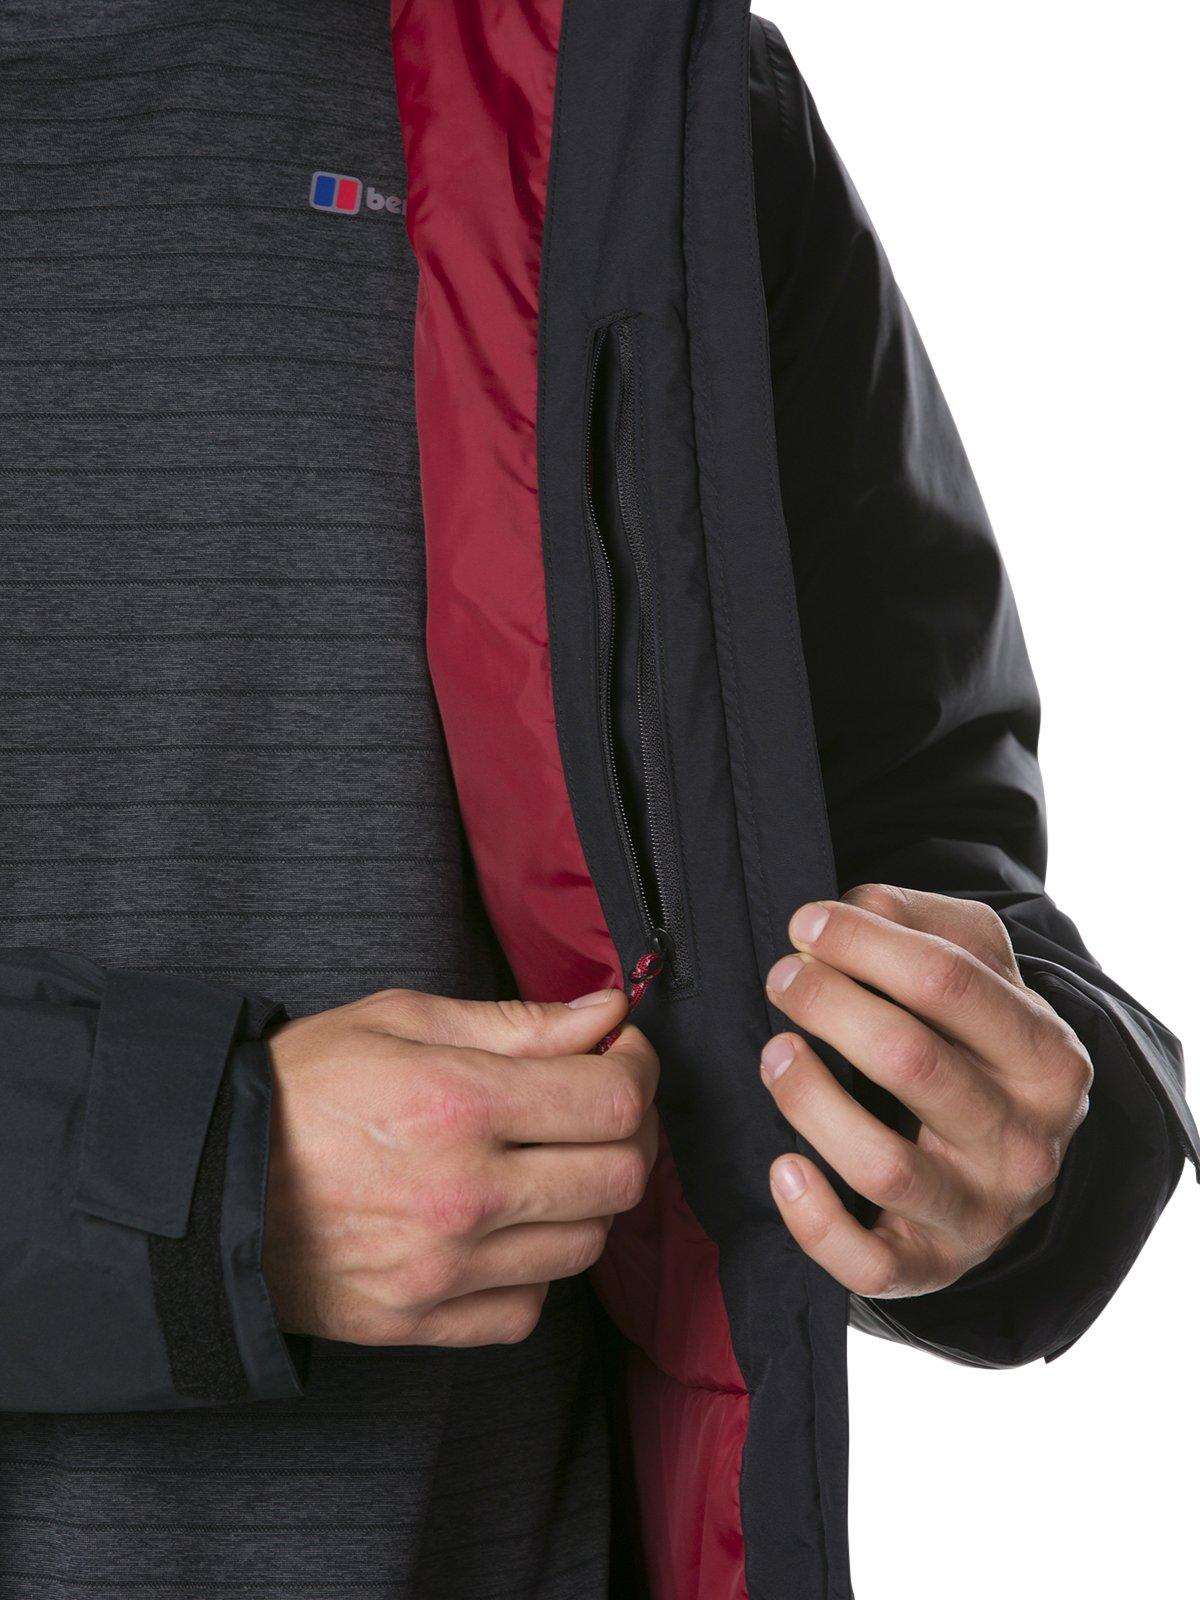 71Oe4mwMTPL - Berghaus Men's Helionik Loft Gore-Tex Waterproof Jacket